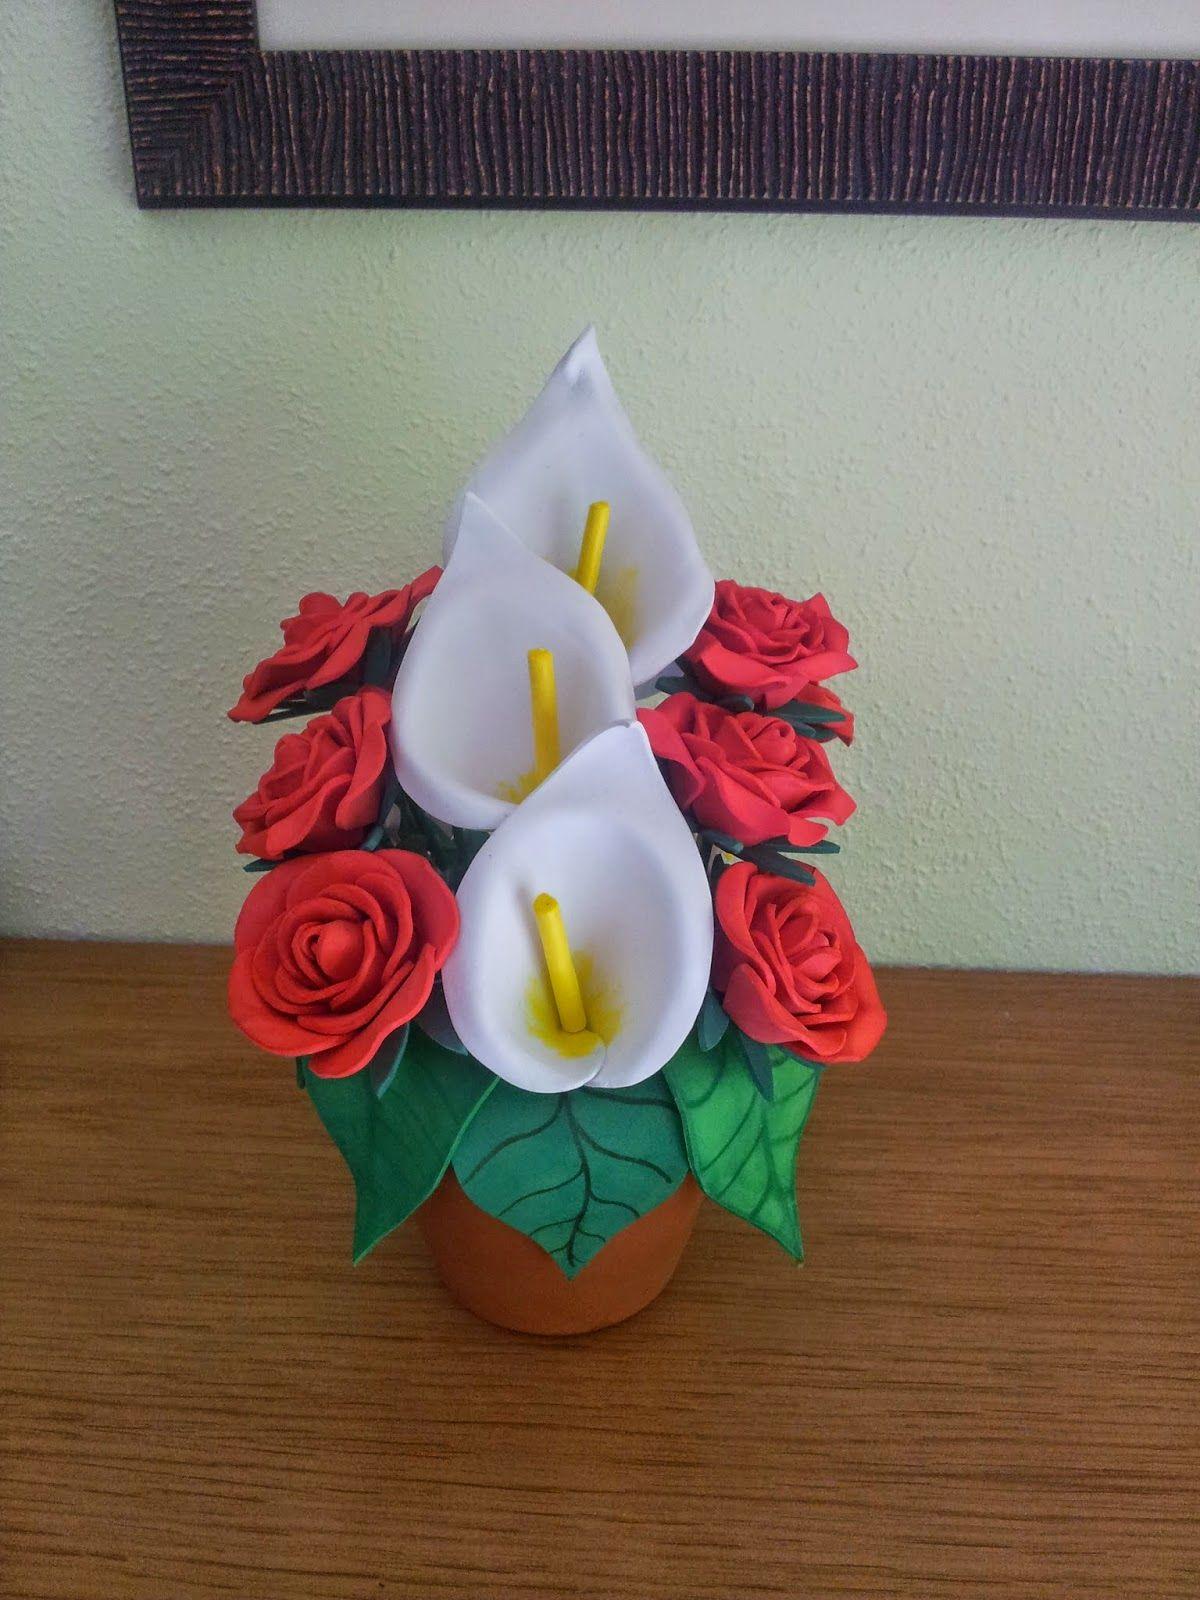 Reino de las fofuchas: Ramo de rosas y calas | Rosas en goma eva, Rosas de  papel tutorial, Manualidades